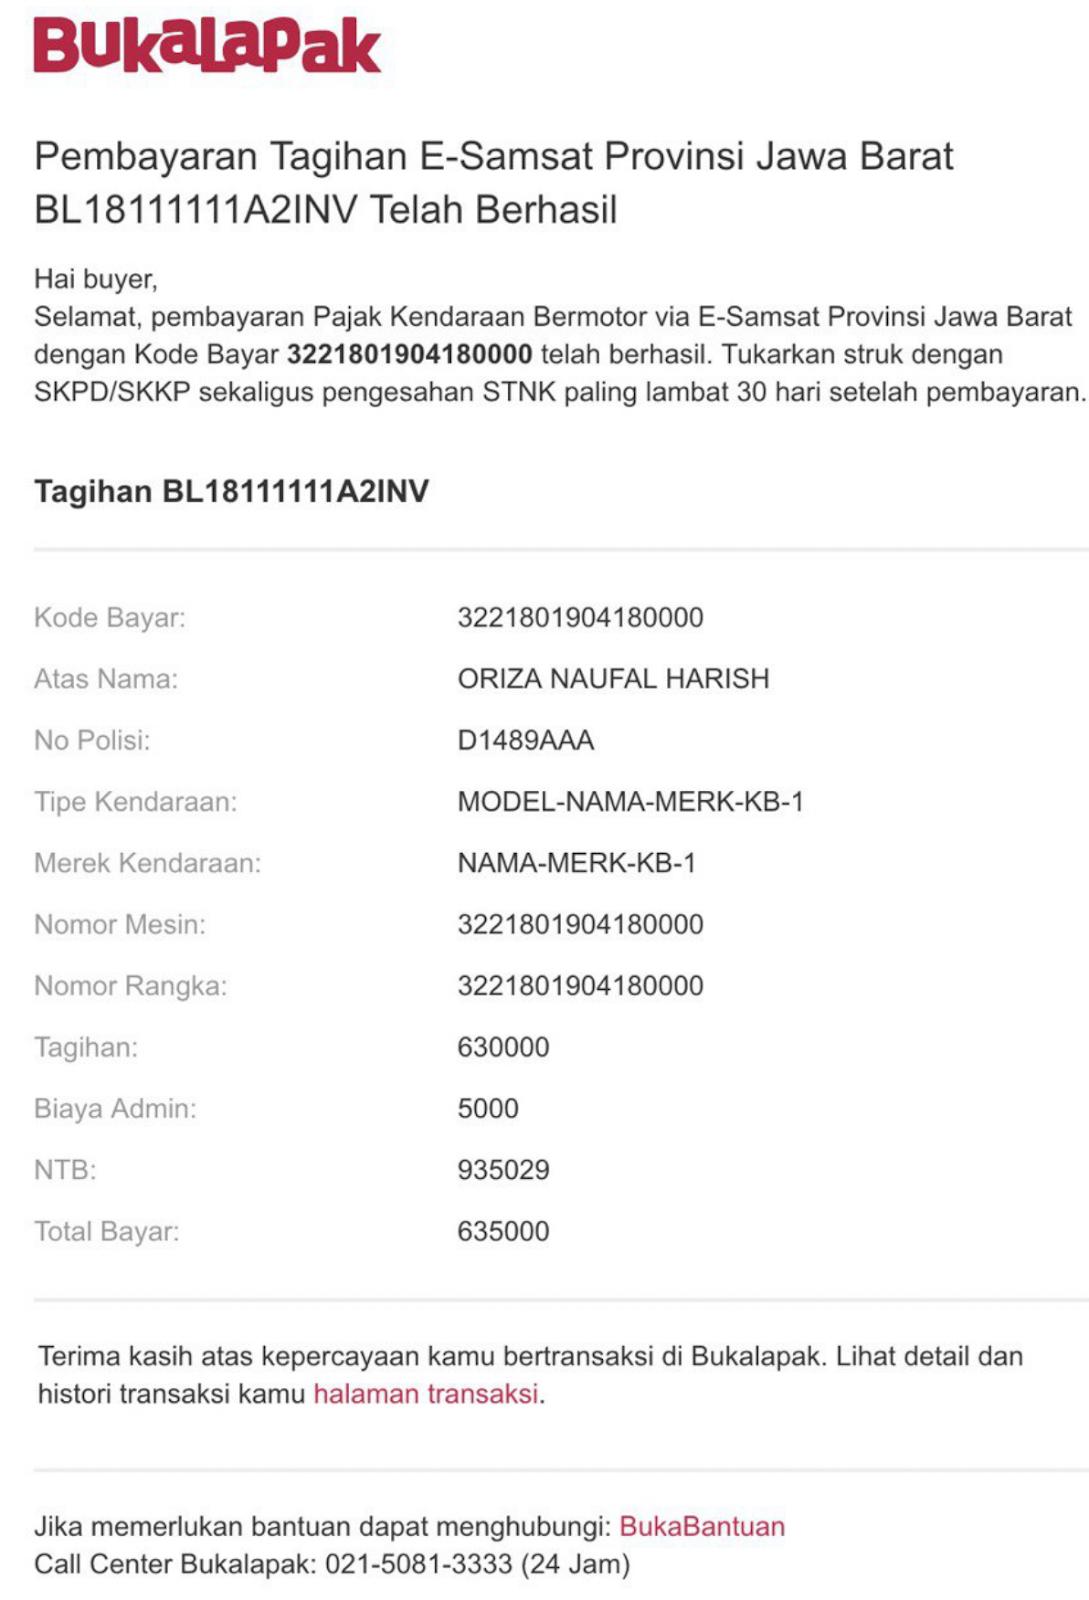 Layanan e-Samsat di Bukalapak Khusus Jawa Barat